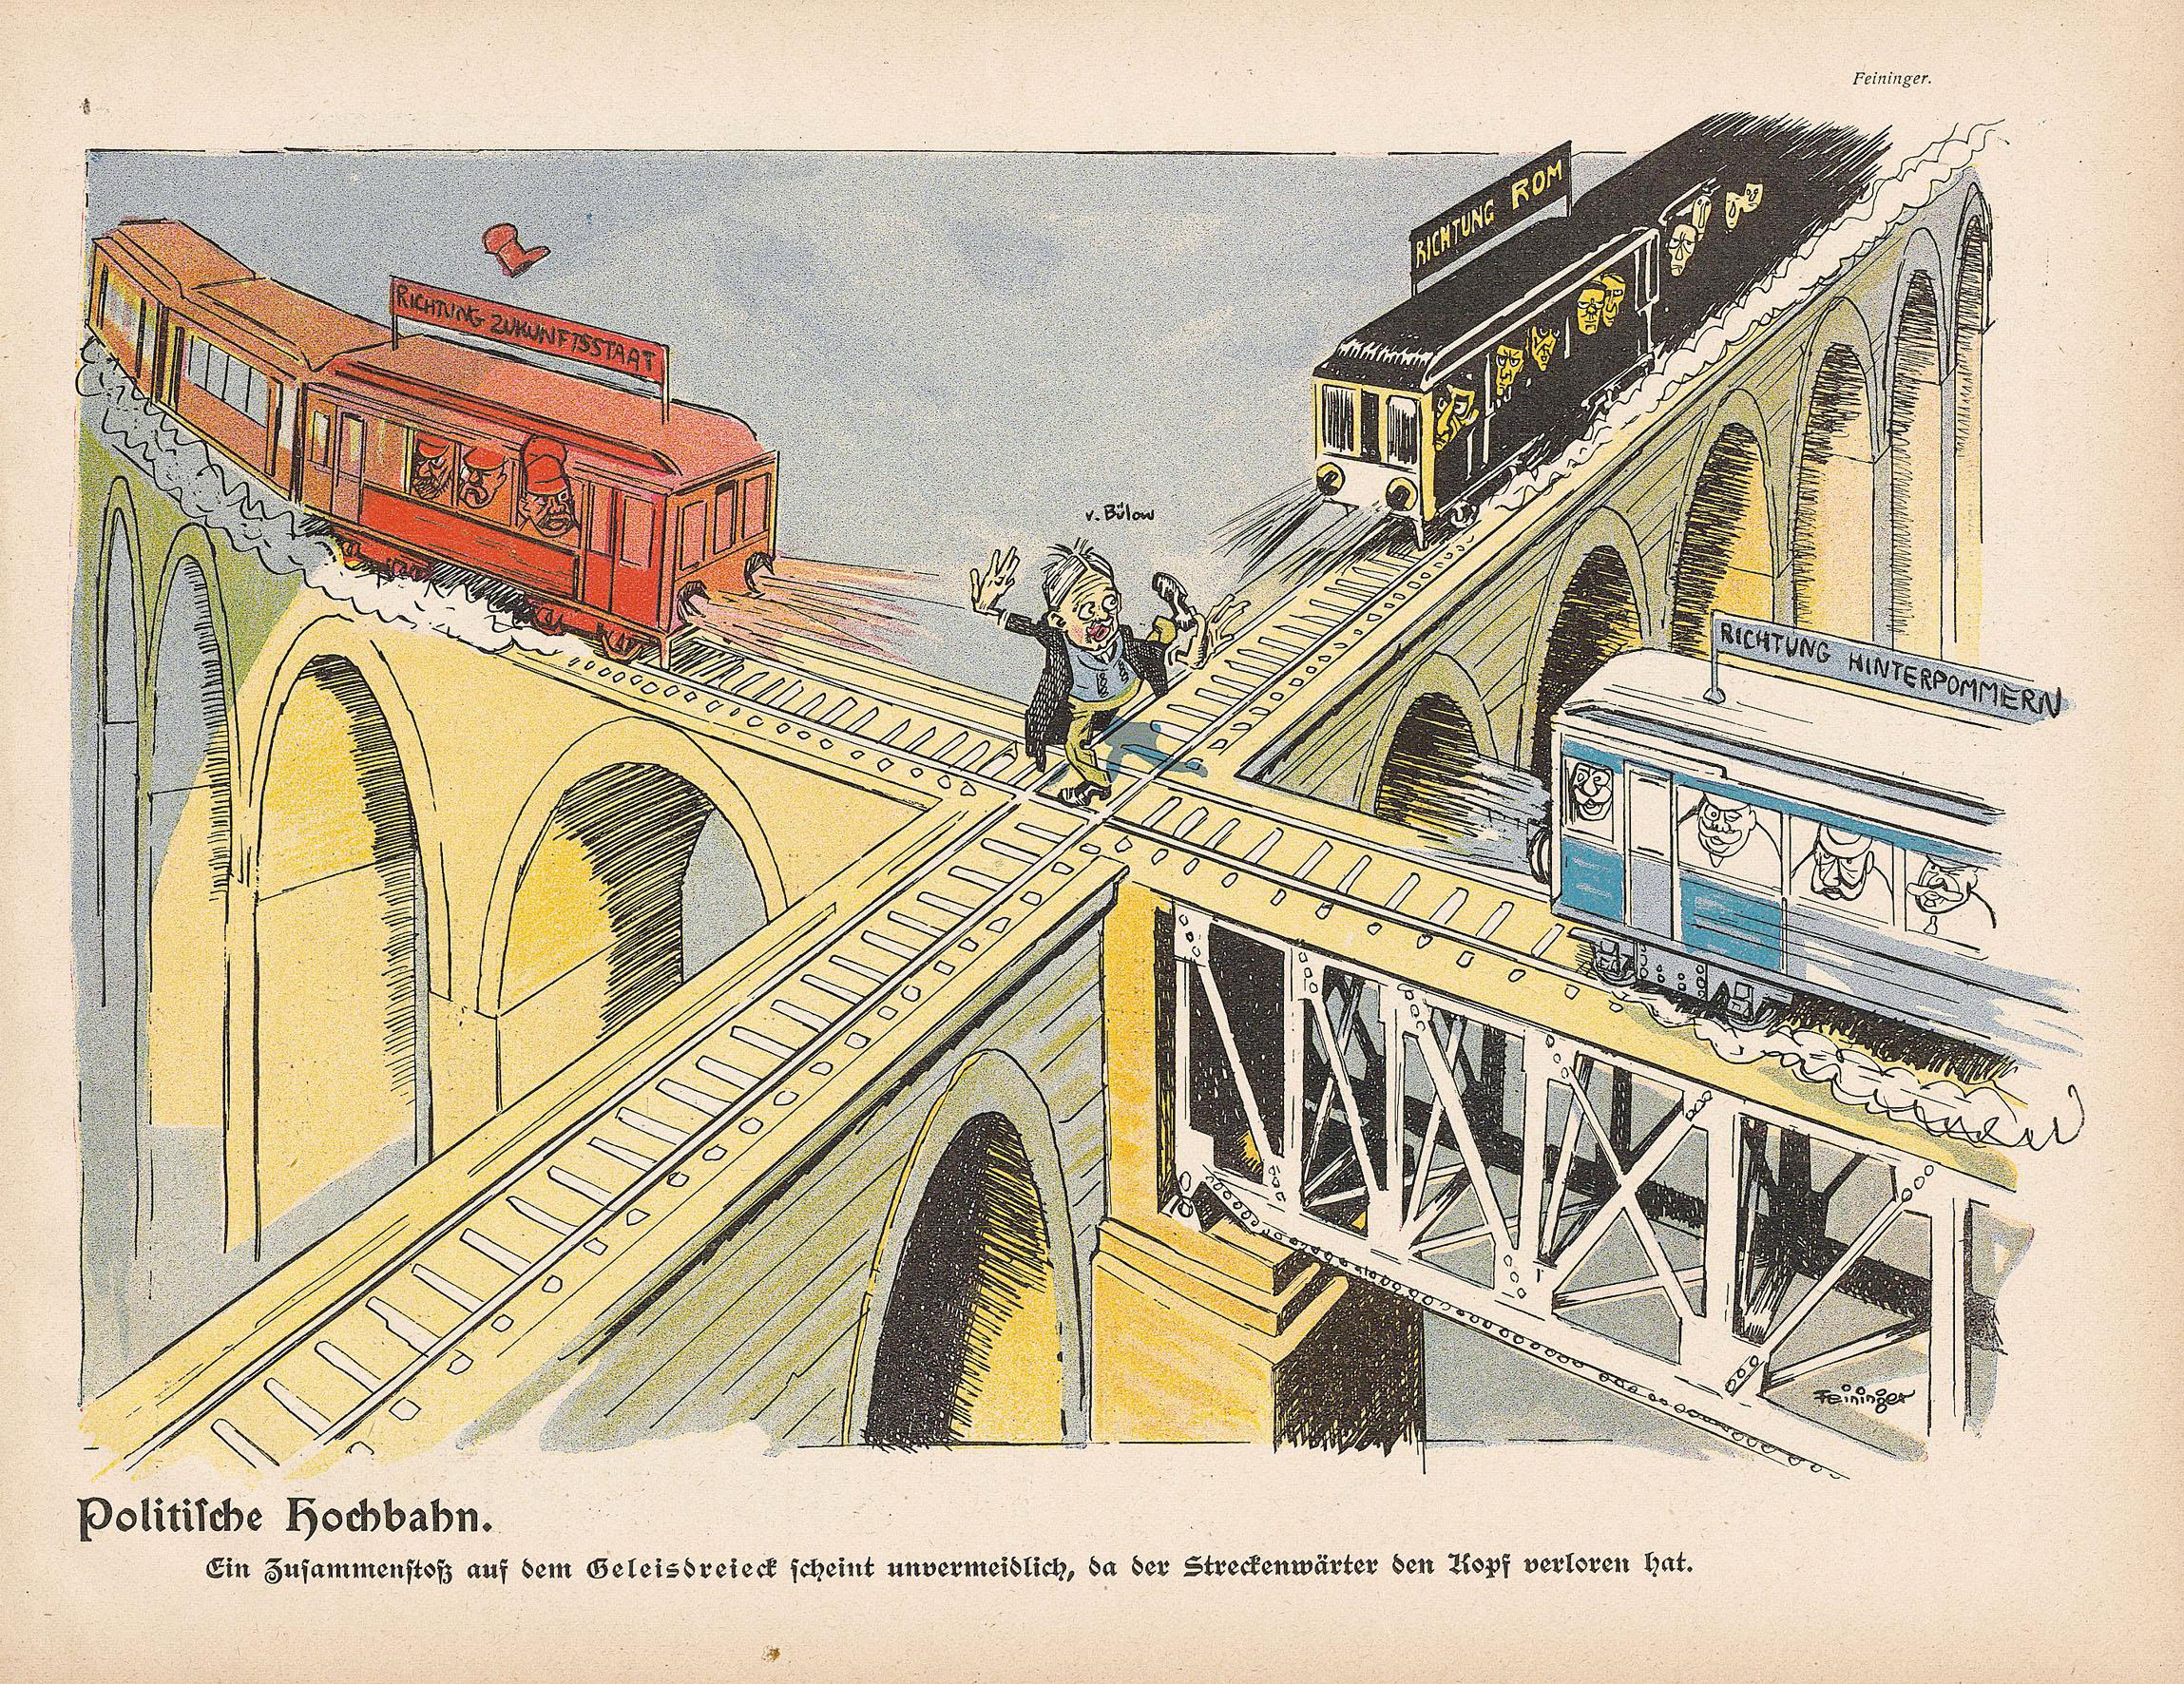 Lyonel Feininger, Politische Hochbahn, 1903, Zeitungsdruck, 31 x 24 cm, in: Lustige Blätter, XVIII. Jg., 1903, Nr. 51, S. 7, Sammlung Roland März © VG Bildkunst Bonn